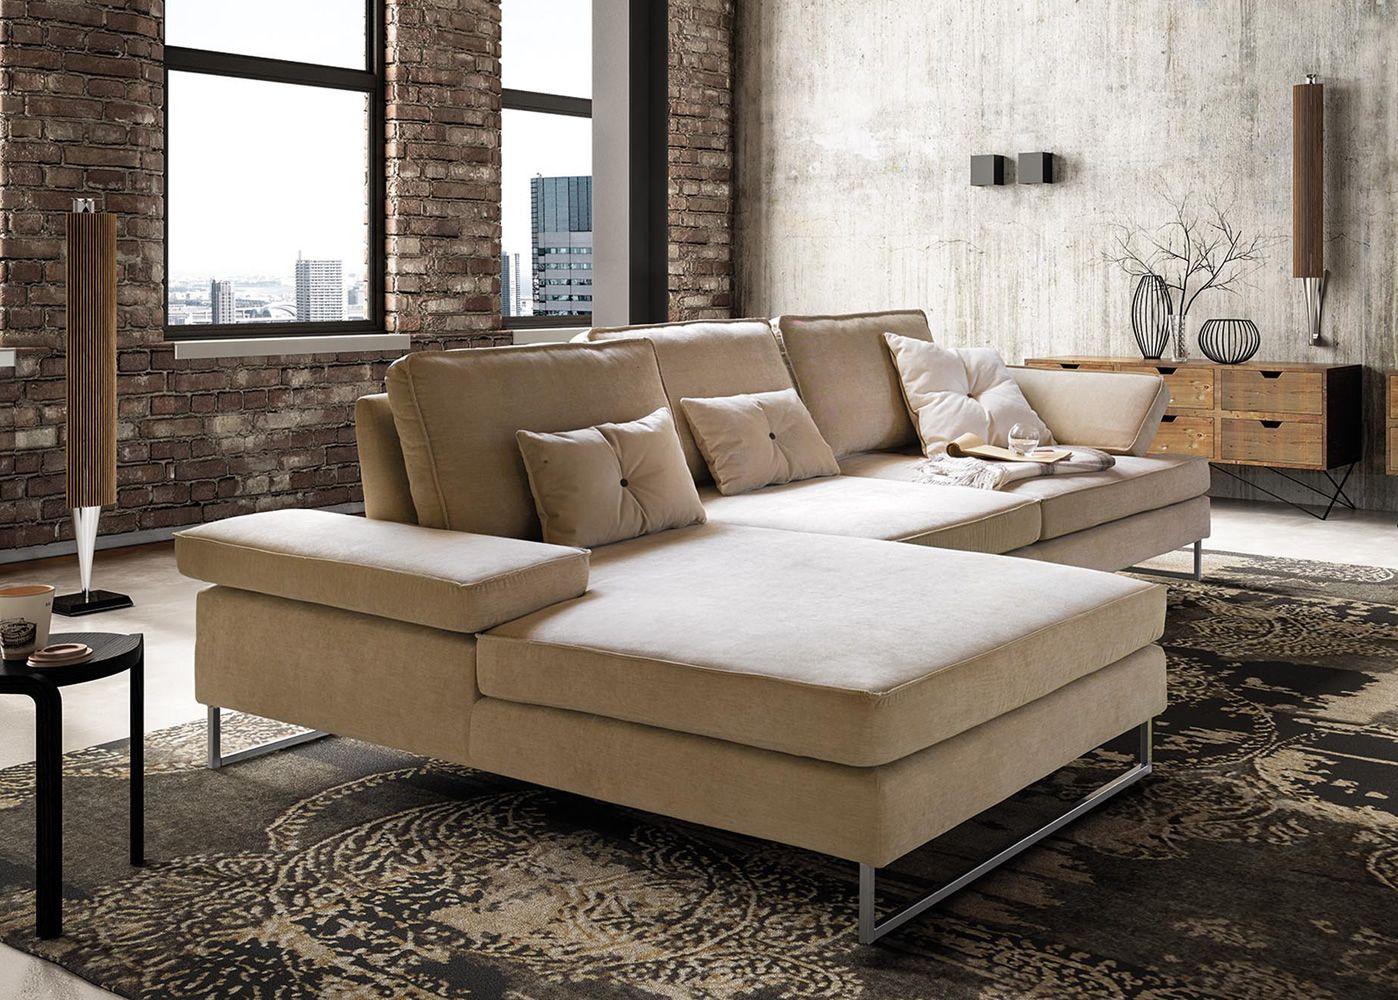 luis 2 3 sitzer sofa mit gleitender r ckenlehne und zur ckklappbarer armlehne ganz. Black Bedroom Furniture Sets. Home Design Ideas